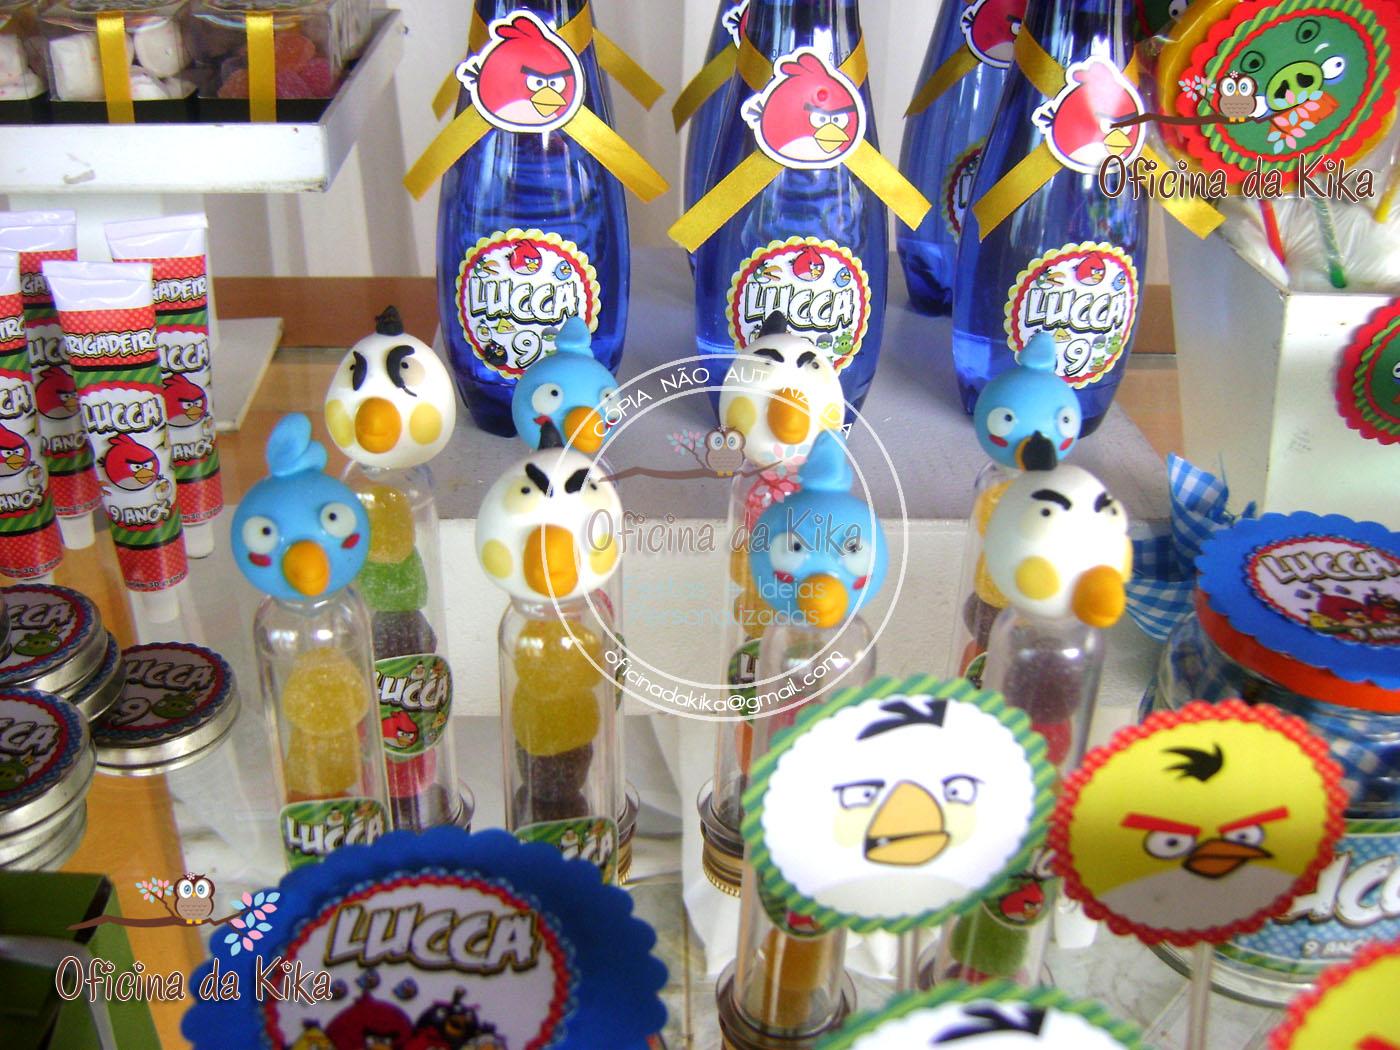 Colorido Angry Birds Personagens Vector: Festas E Idéias Personalizadas: Festa